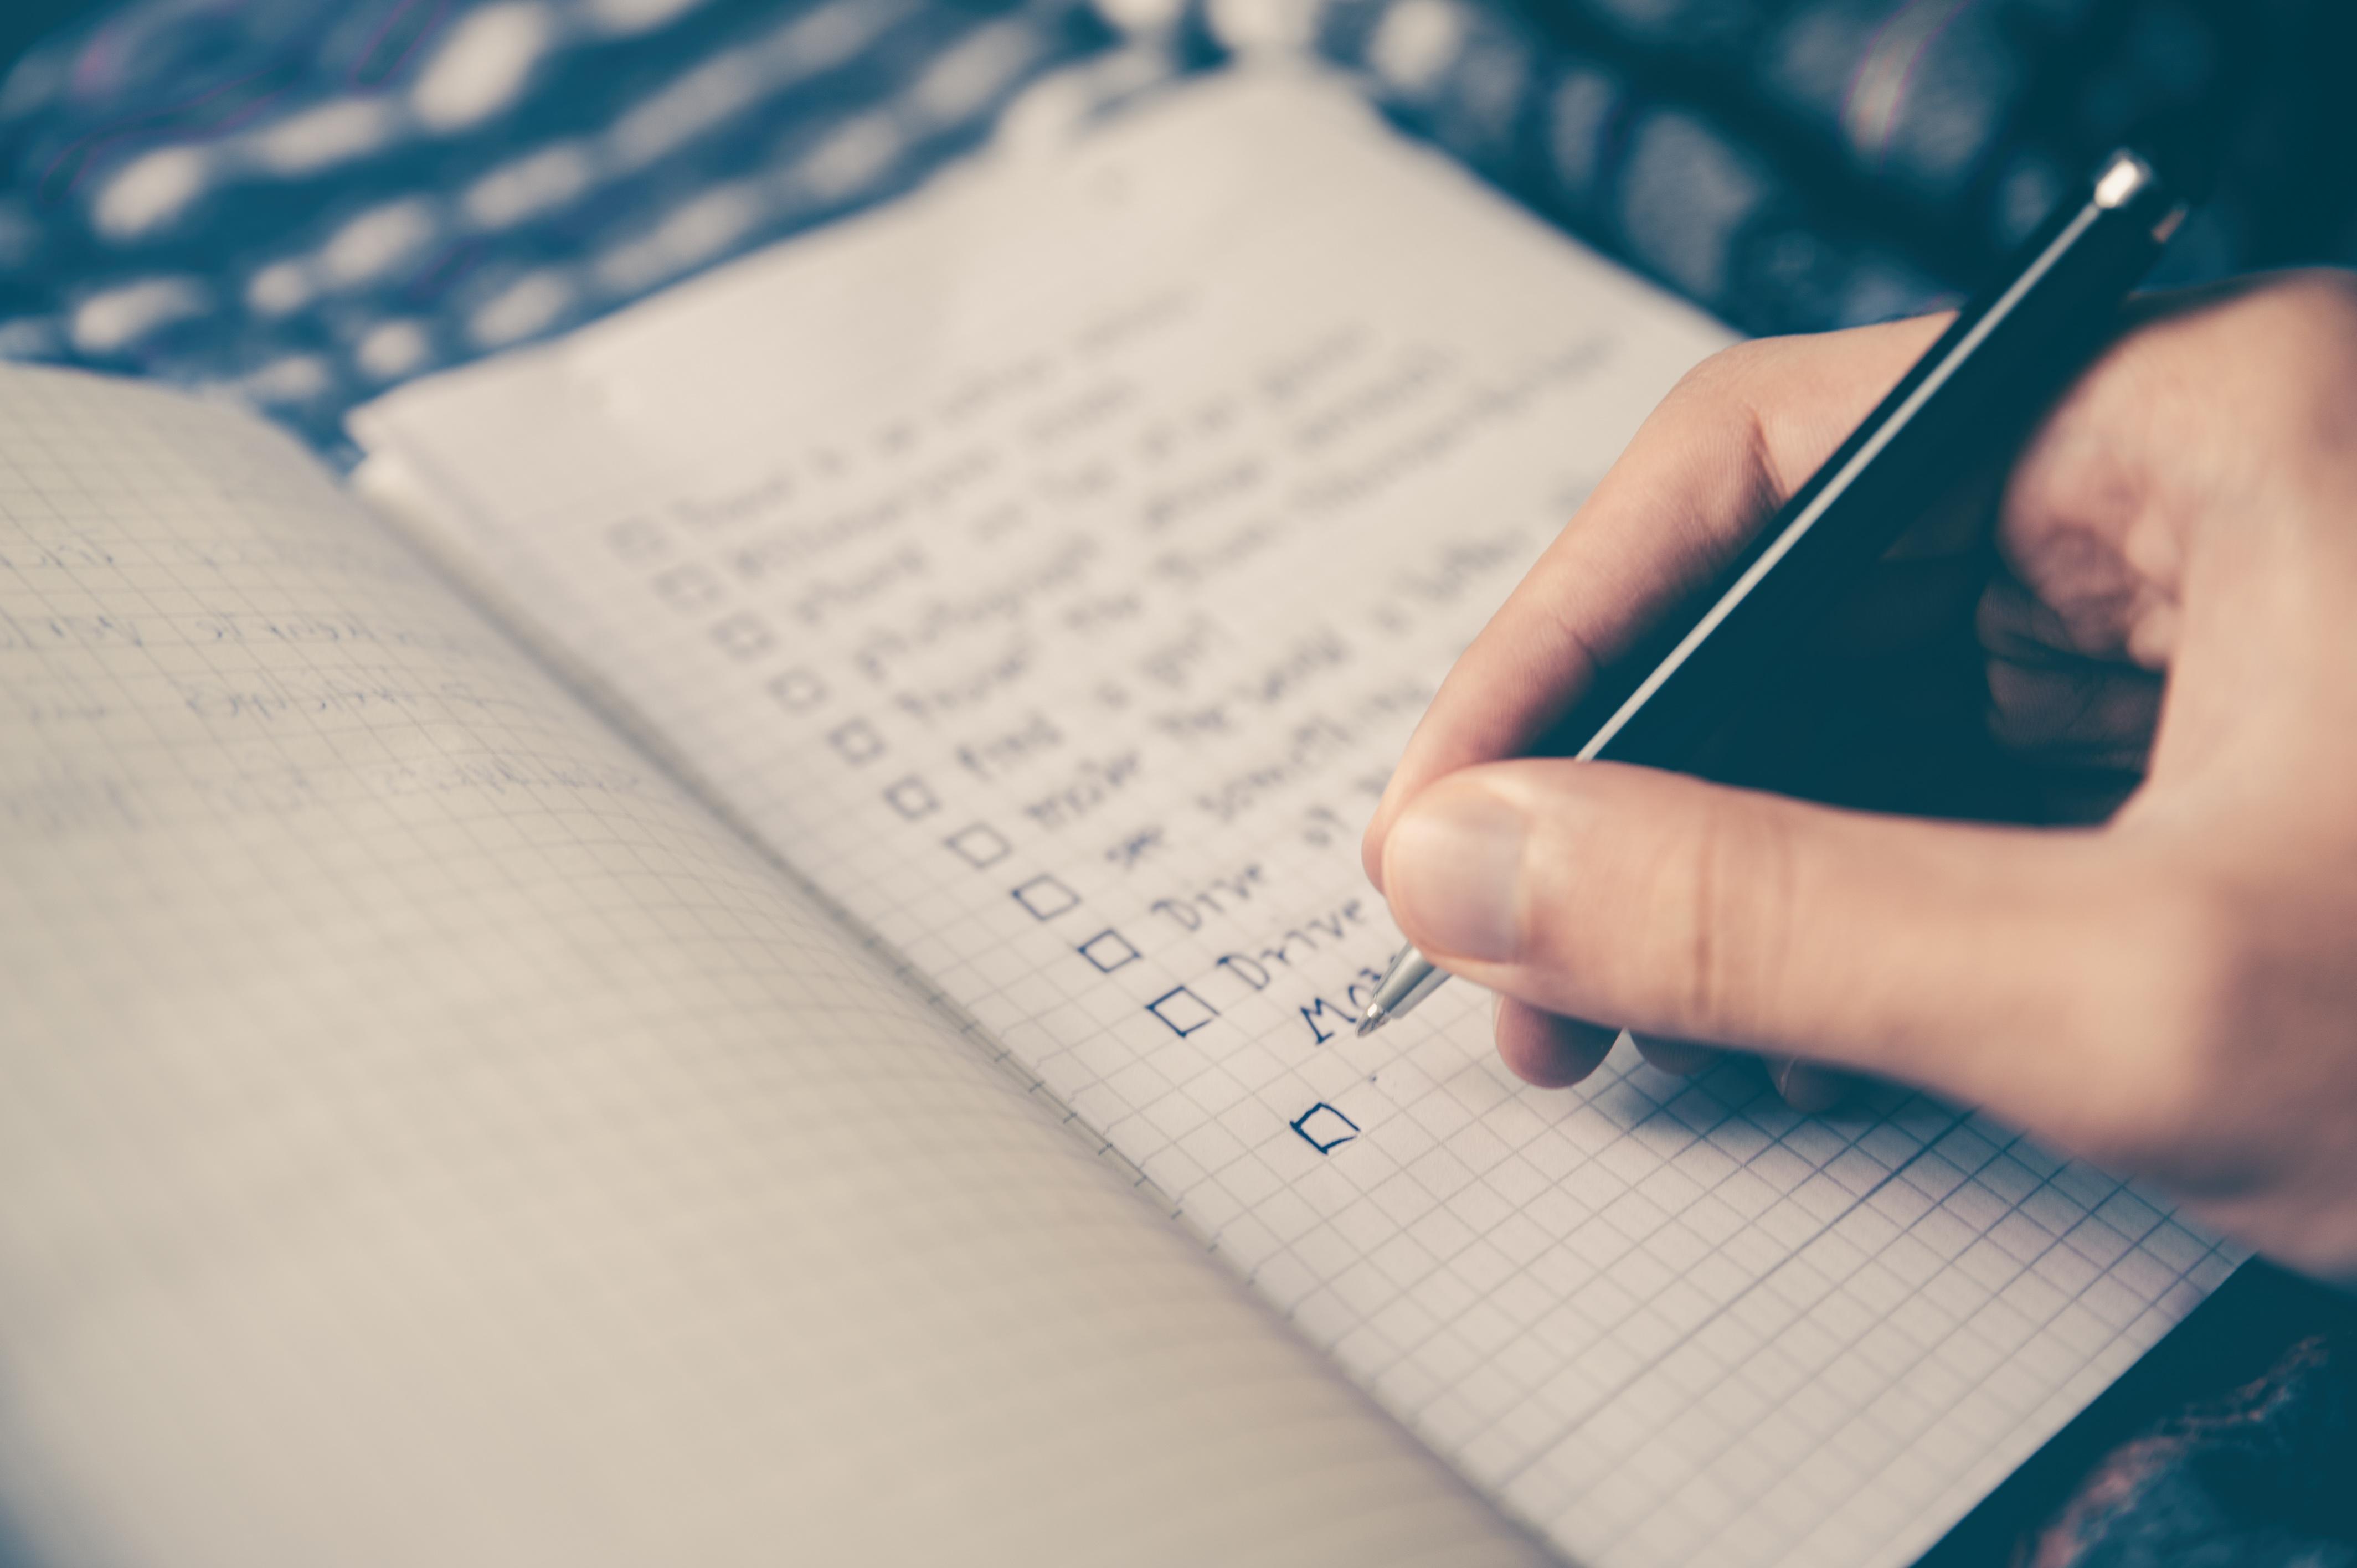 5 consejos para sobresalir en tus estudios (podcast) - Featured Image